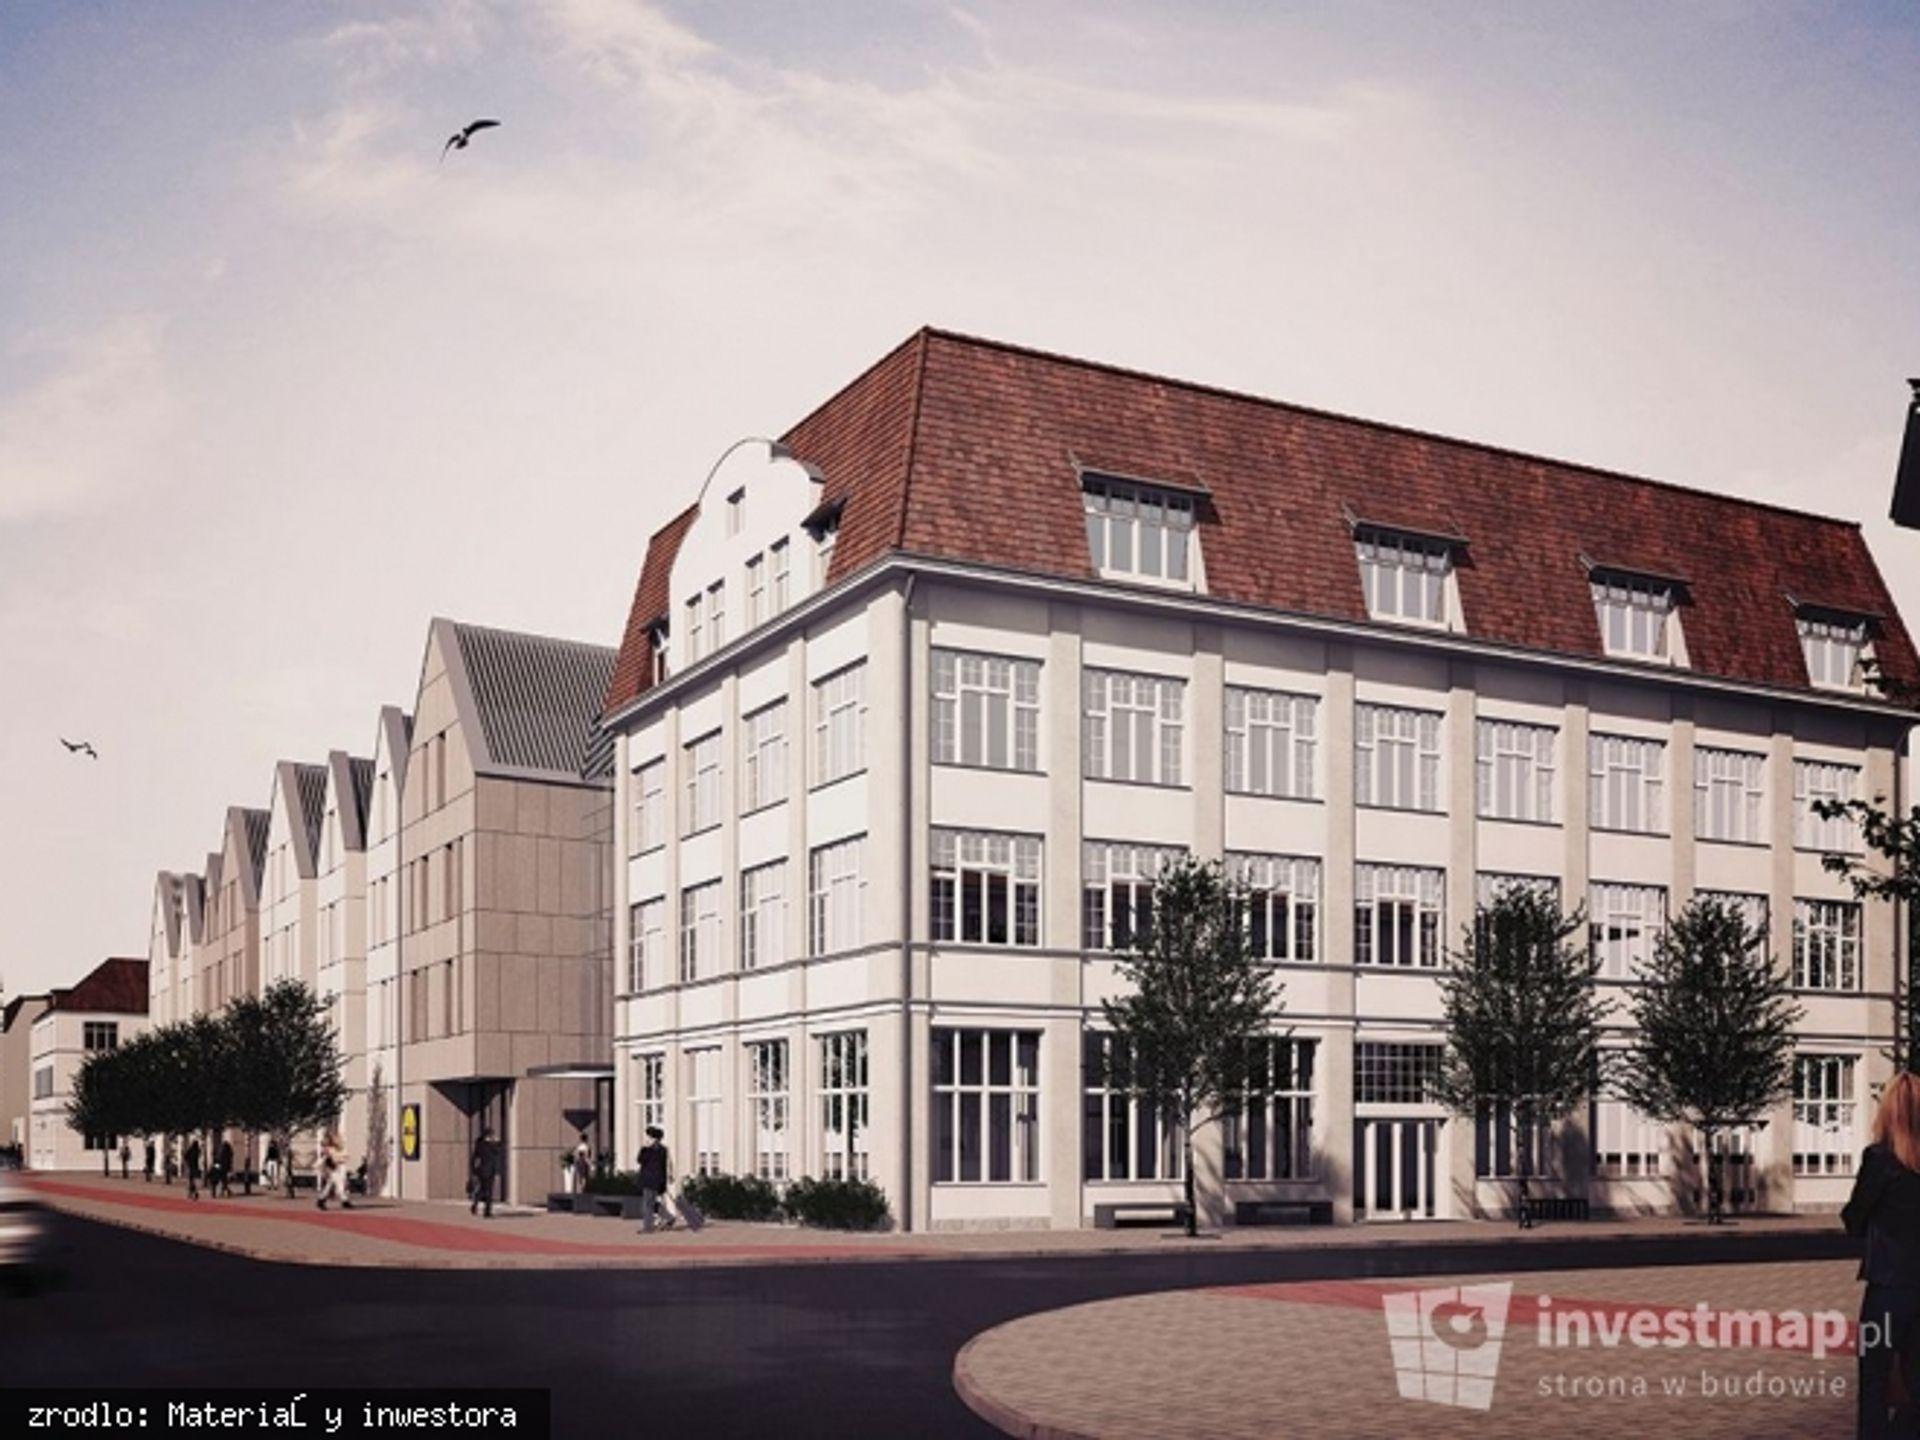 [Gdańsk] Grunwaldzka 505 – jest pozwolenie na budowę dla Moderna Investment